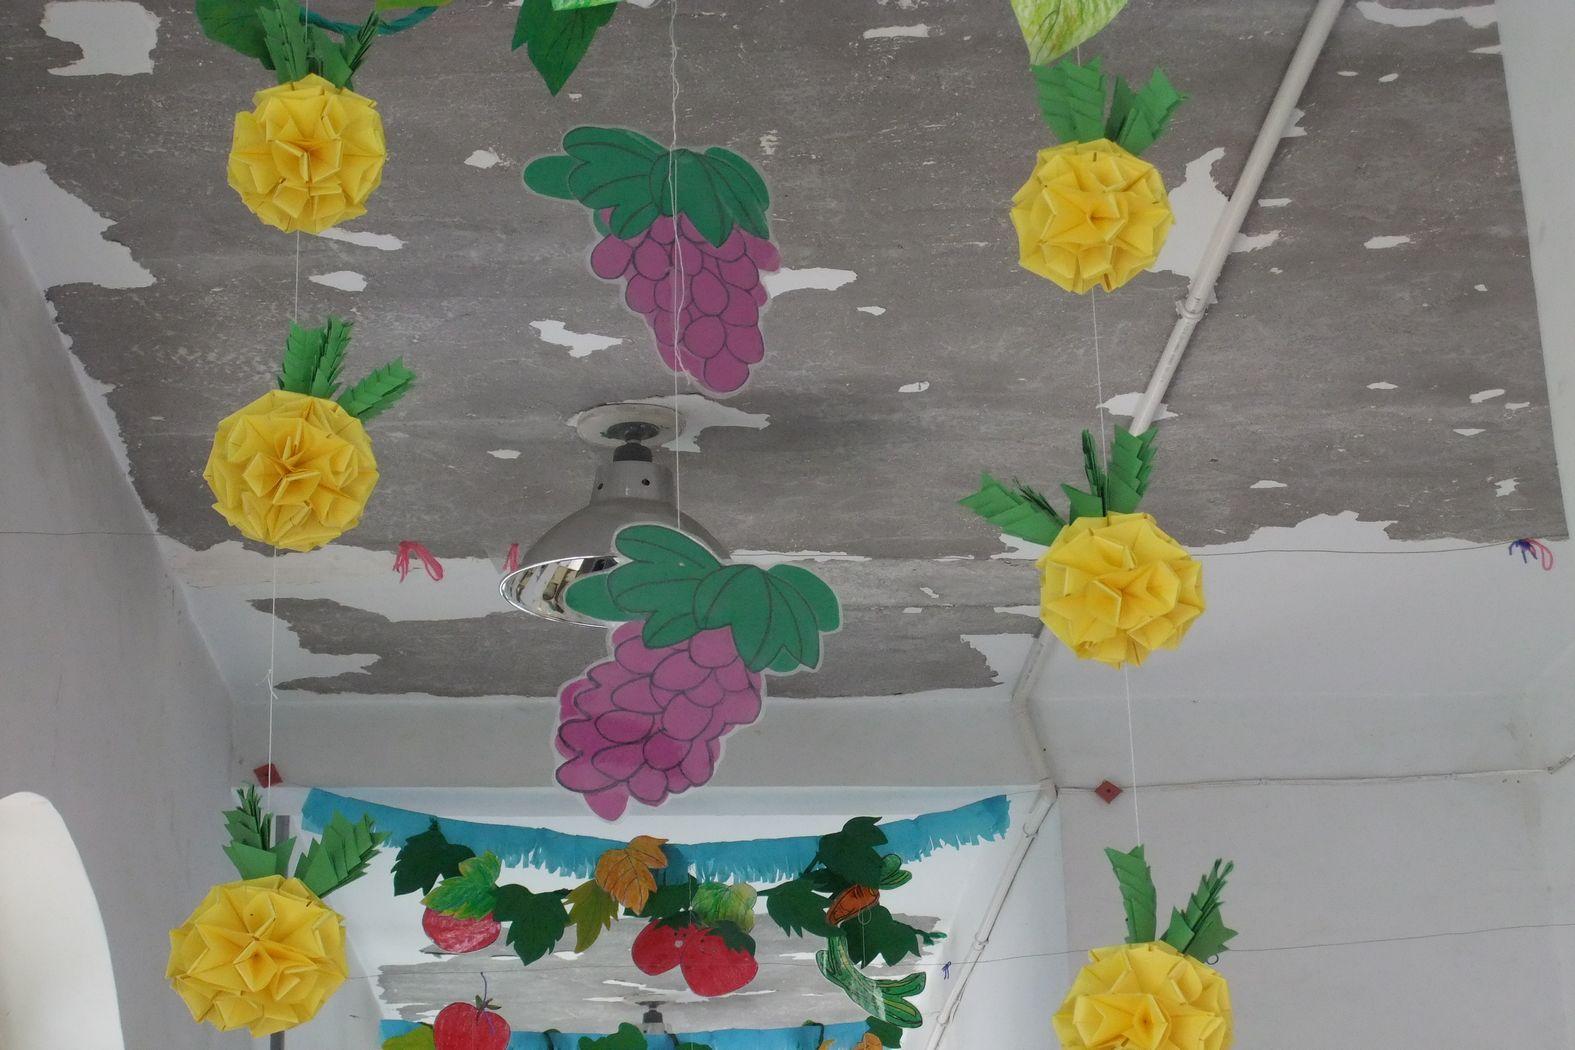 design 幼儿园走廊创意布置_第3页_画画大全  幼儿园墙面布置边框_第3